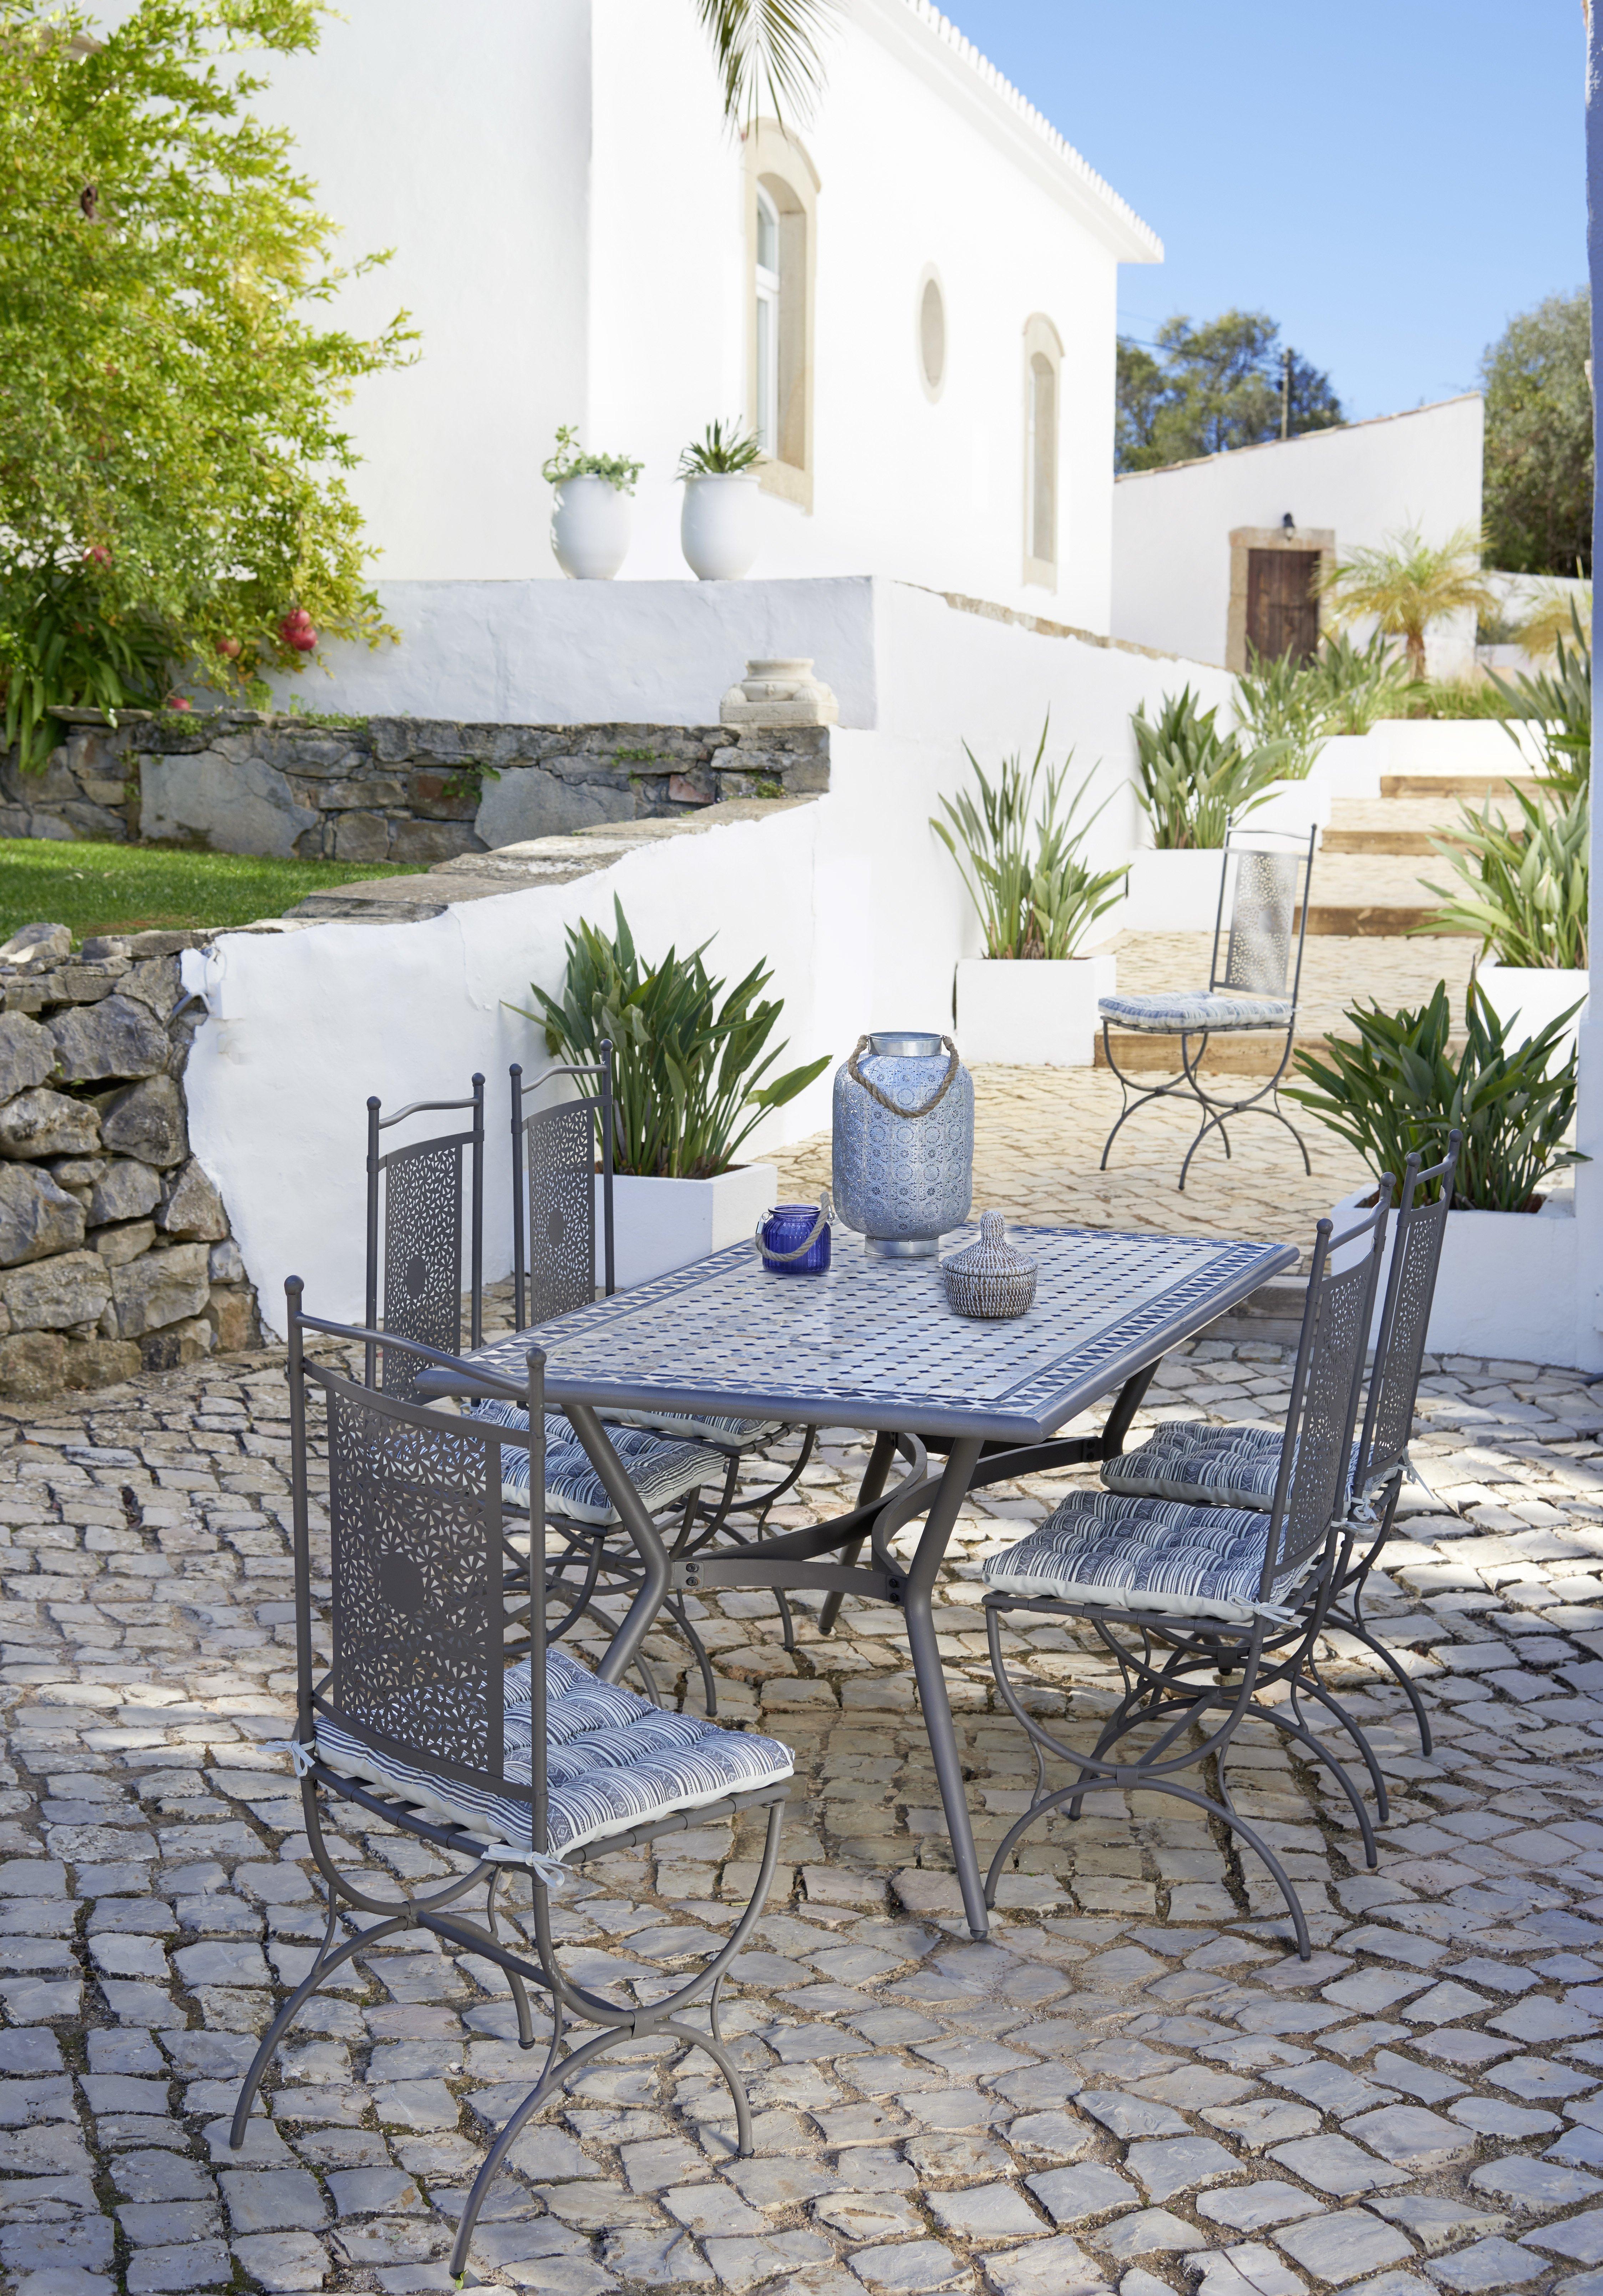 Salon de jardin carrefour a 149€ - Châlet, maison et cabane